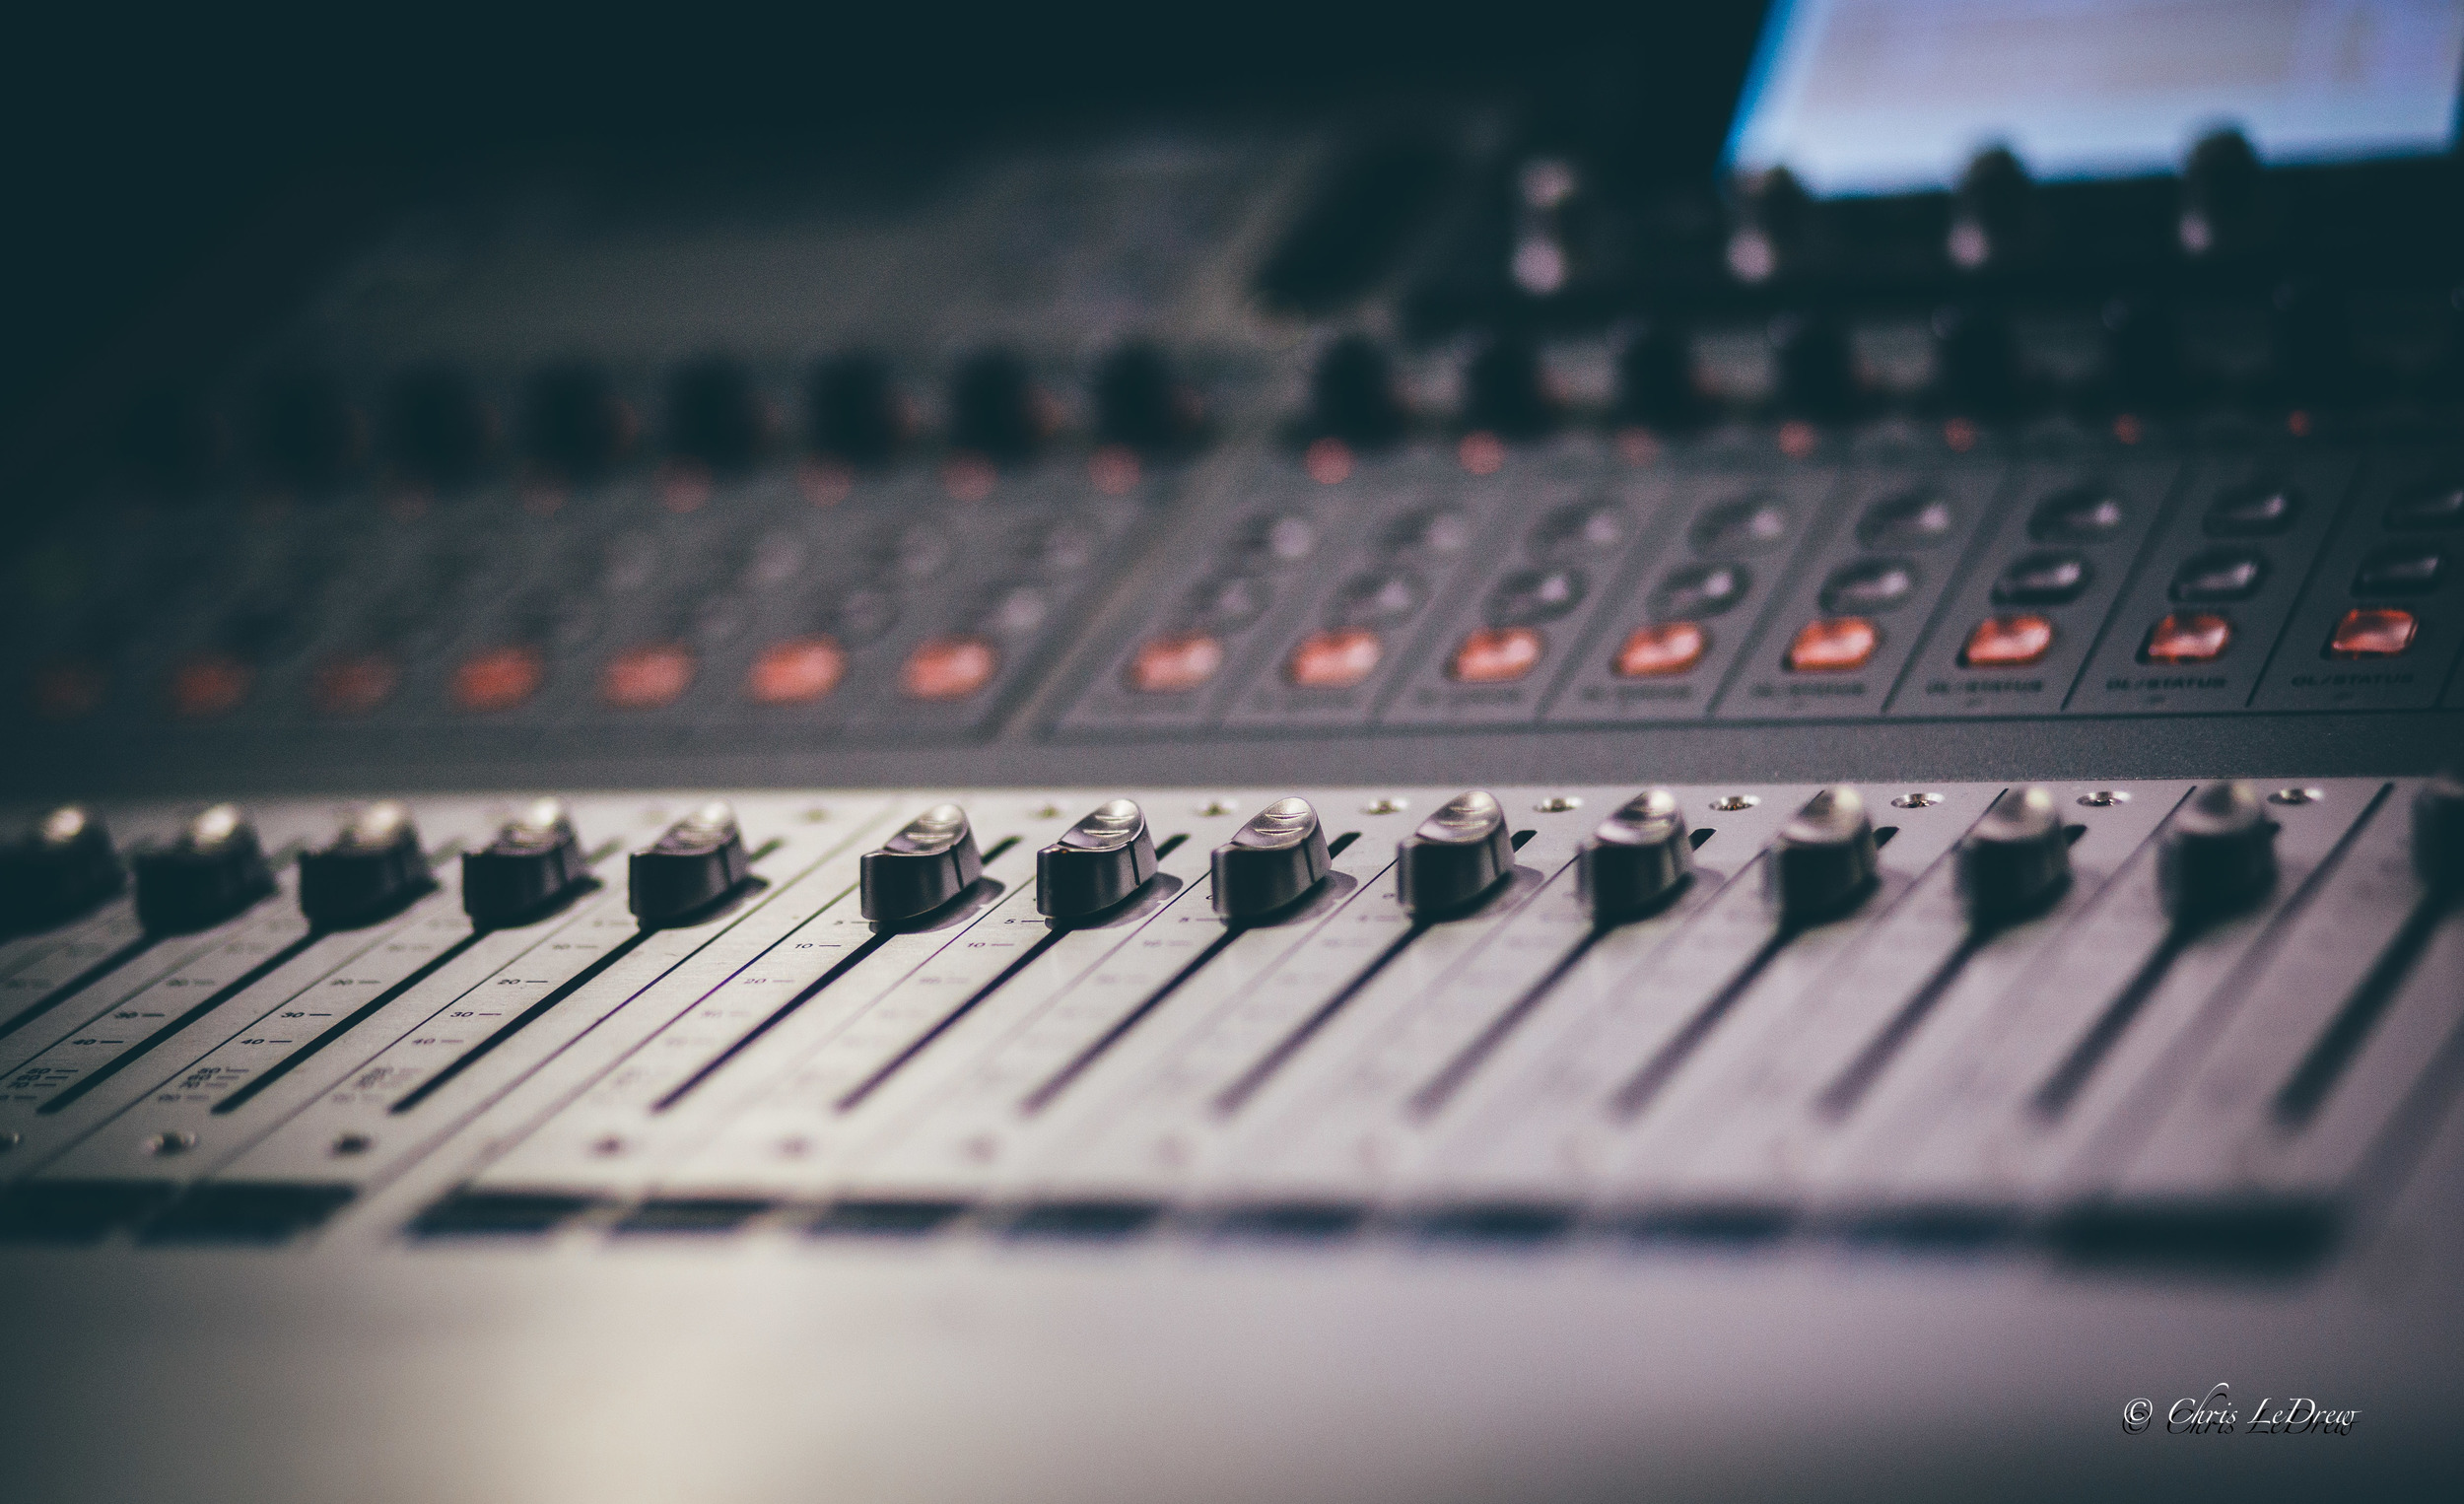 mixingboard3.jpg